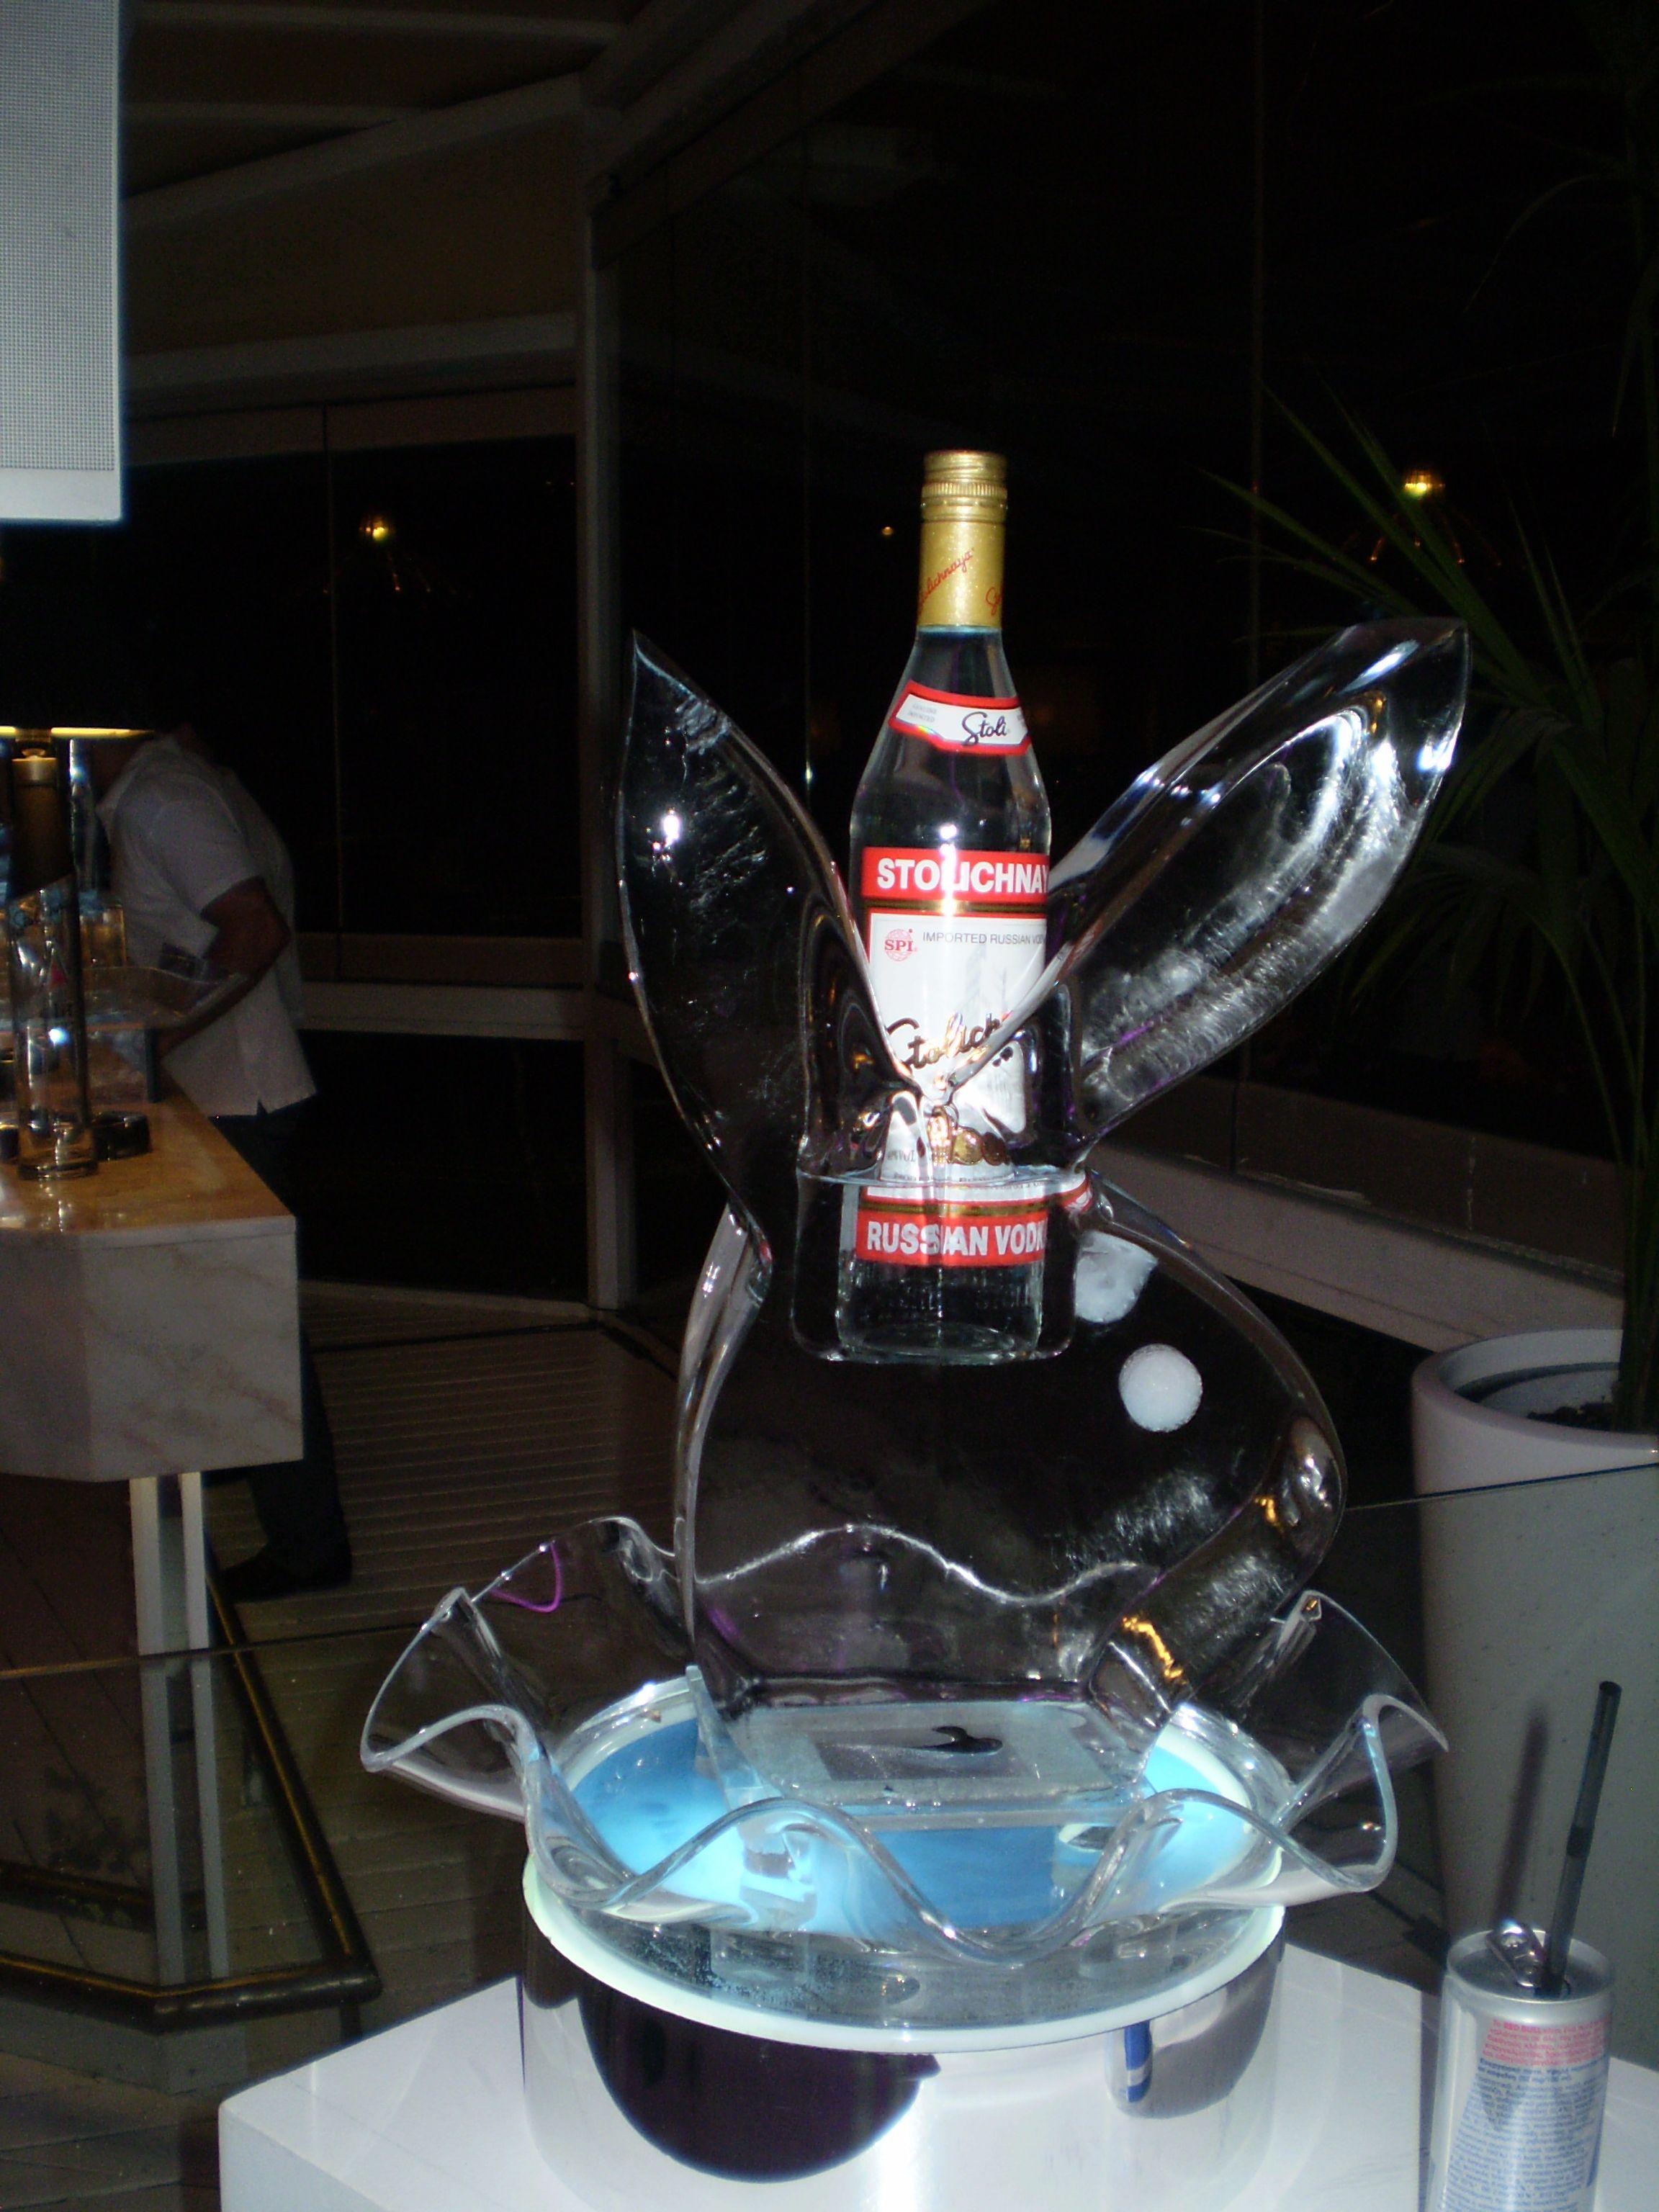 Το πάρτι δεν θα τελειώσει μέχρι ο πάγος να λιώσει. Δείξτε την διάθεσή σας για ξέφρενο πάρτι, με το απόλυτο στοιχείο, με ένα μπαρ από πάγο.